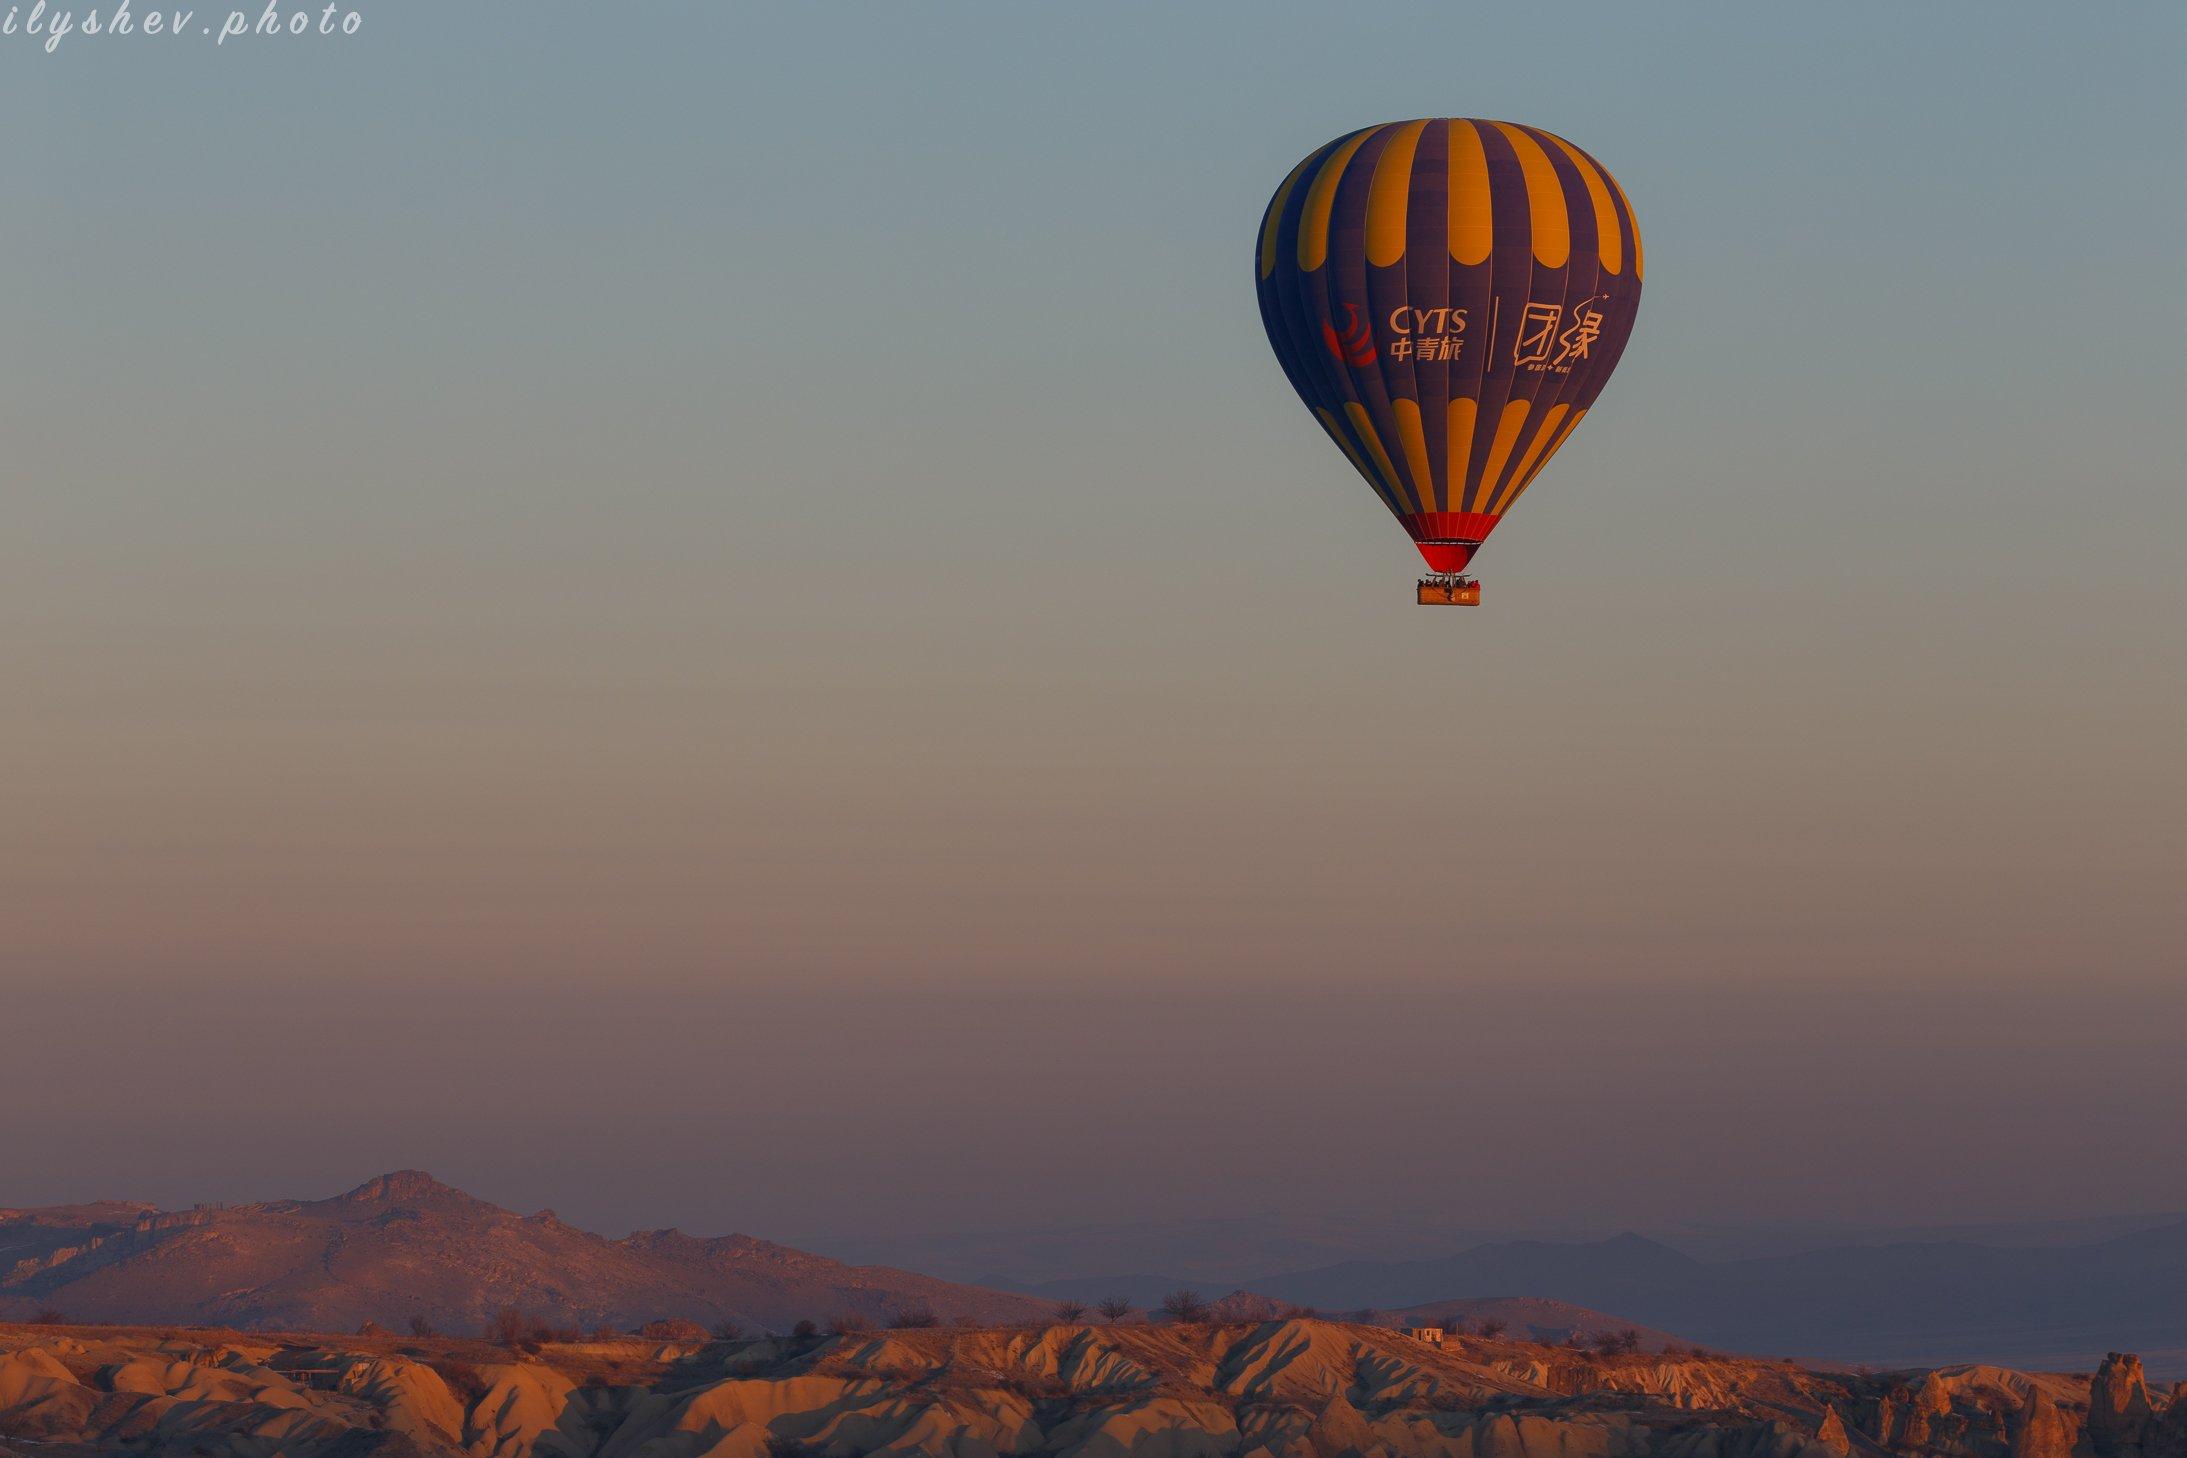 турция, каппадокия, воздушные шары, путешествия, утро, рассвет, Дмитрий Илышев (ilyshev.photo)